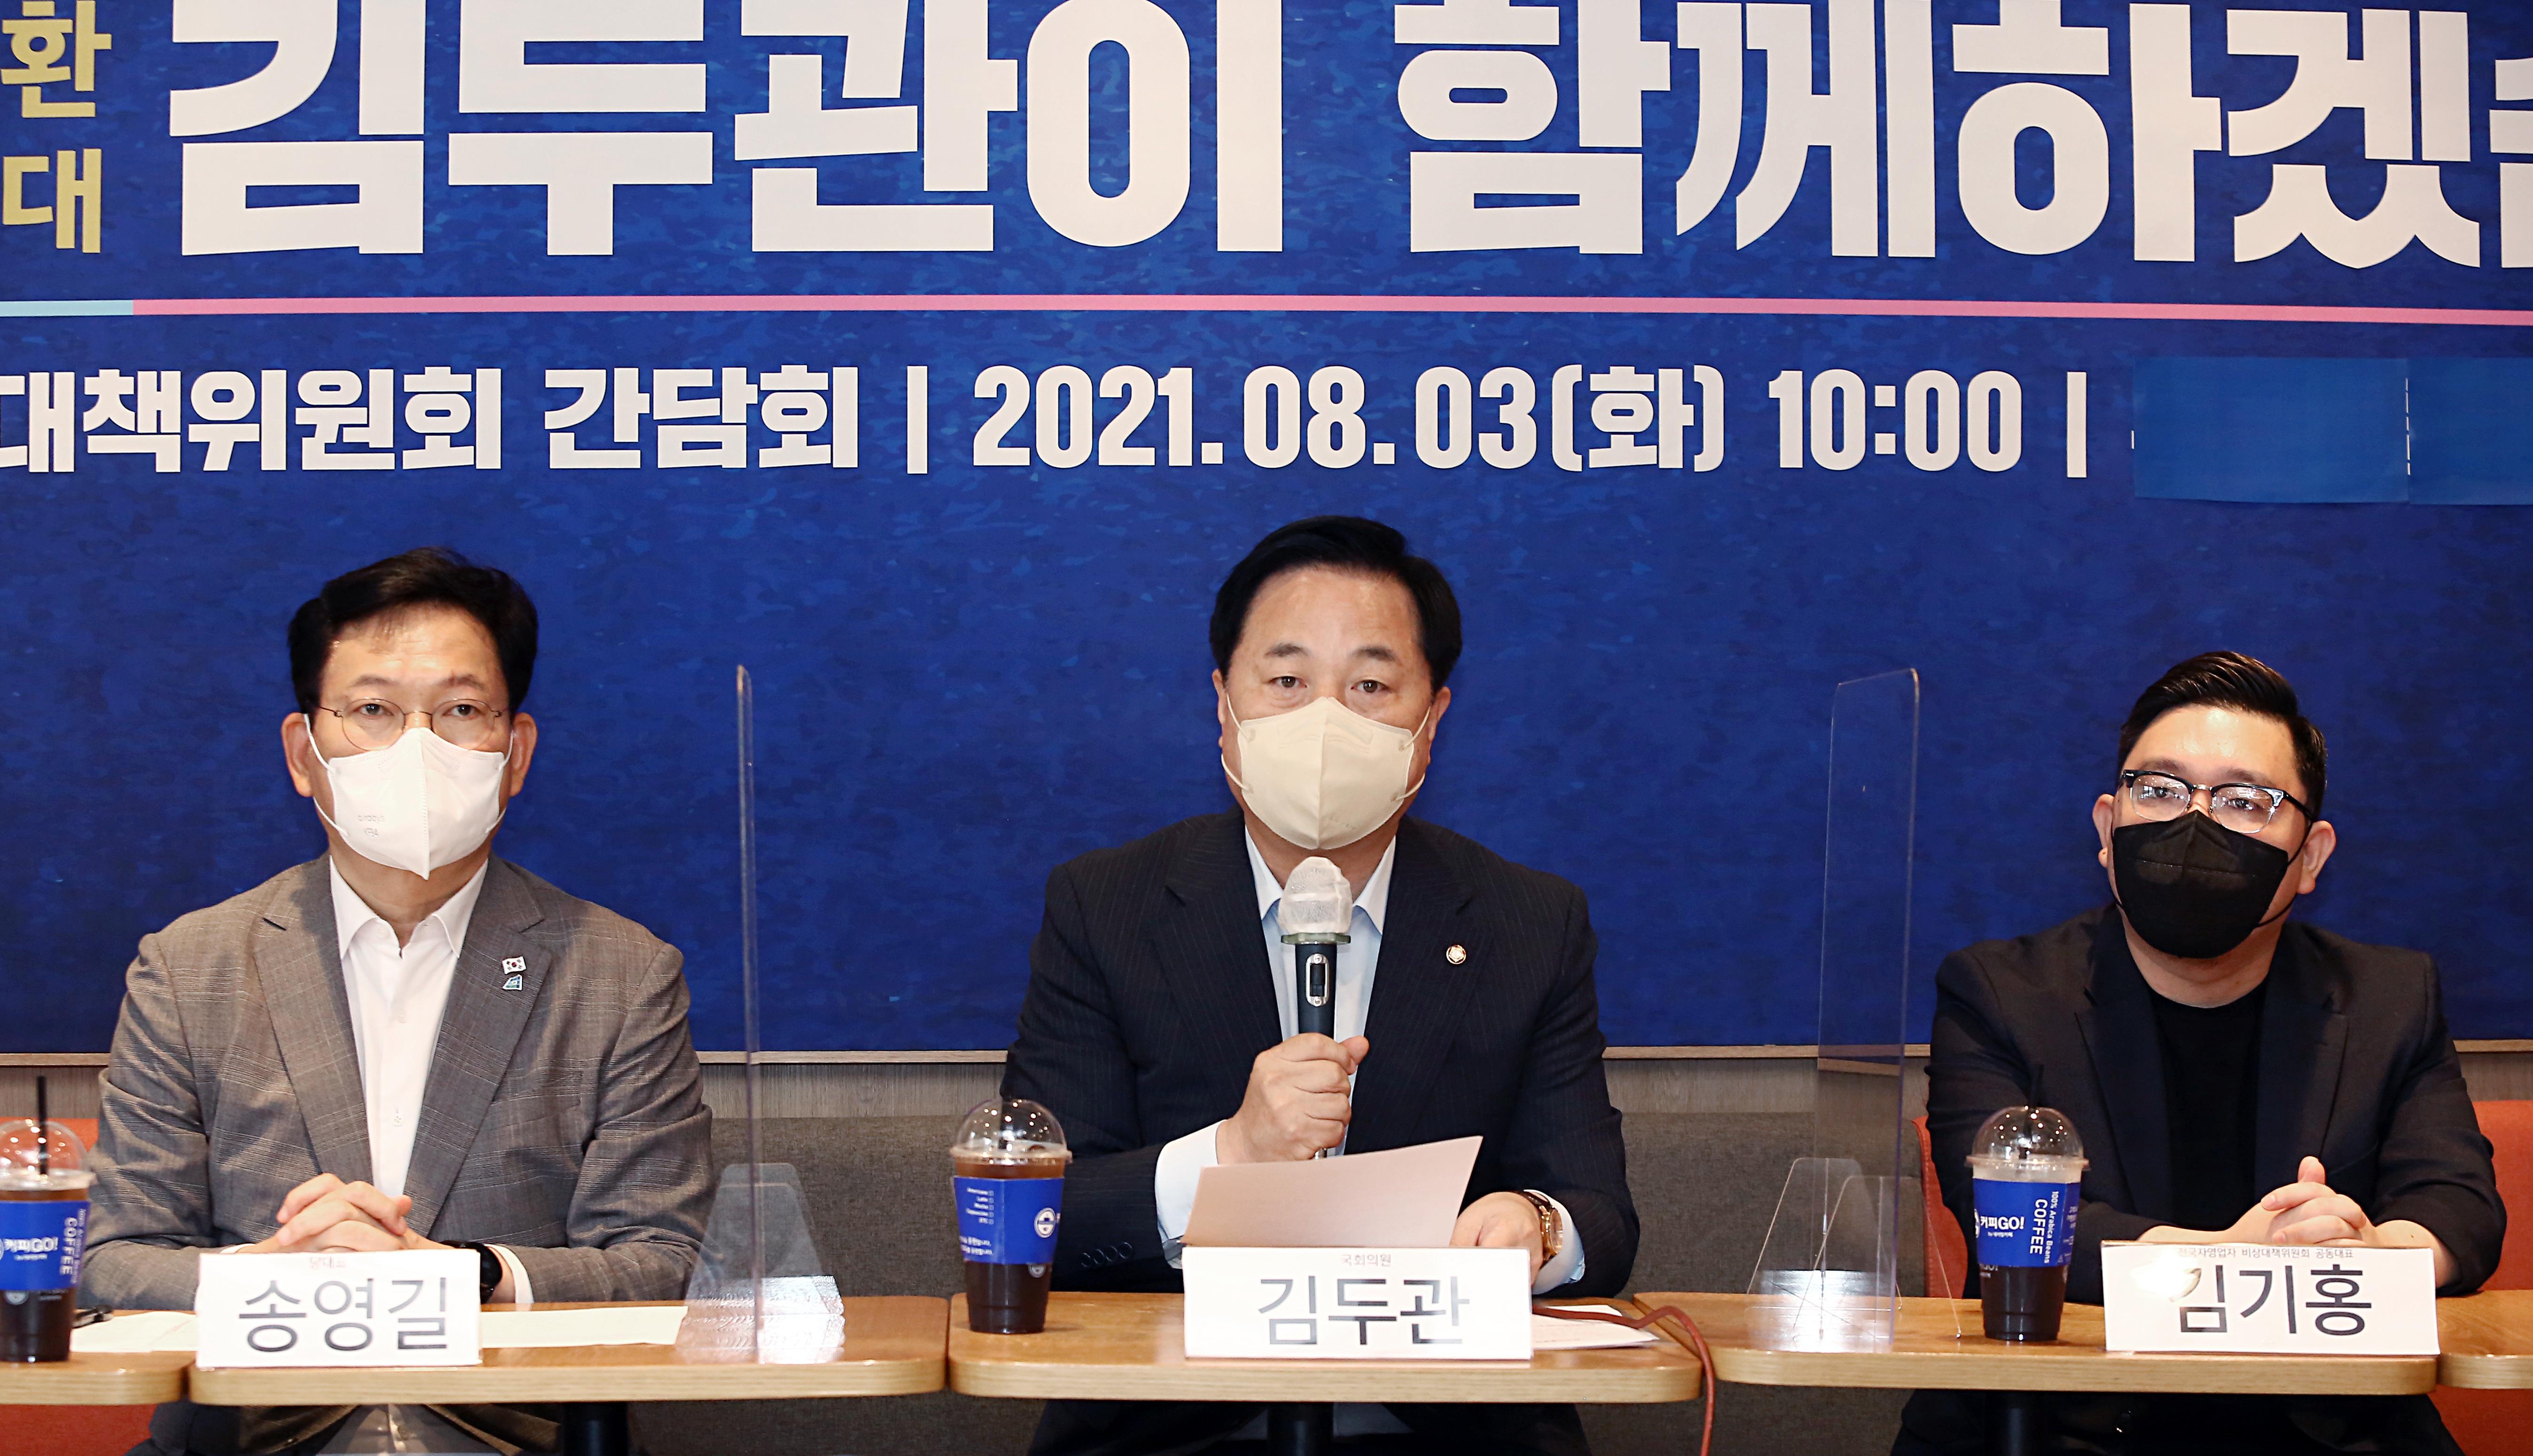 송영길 '김두관과 자영업자 영업제한 고충 청취'